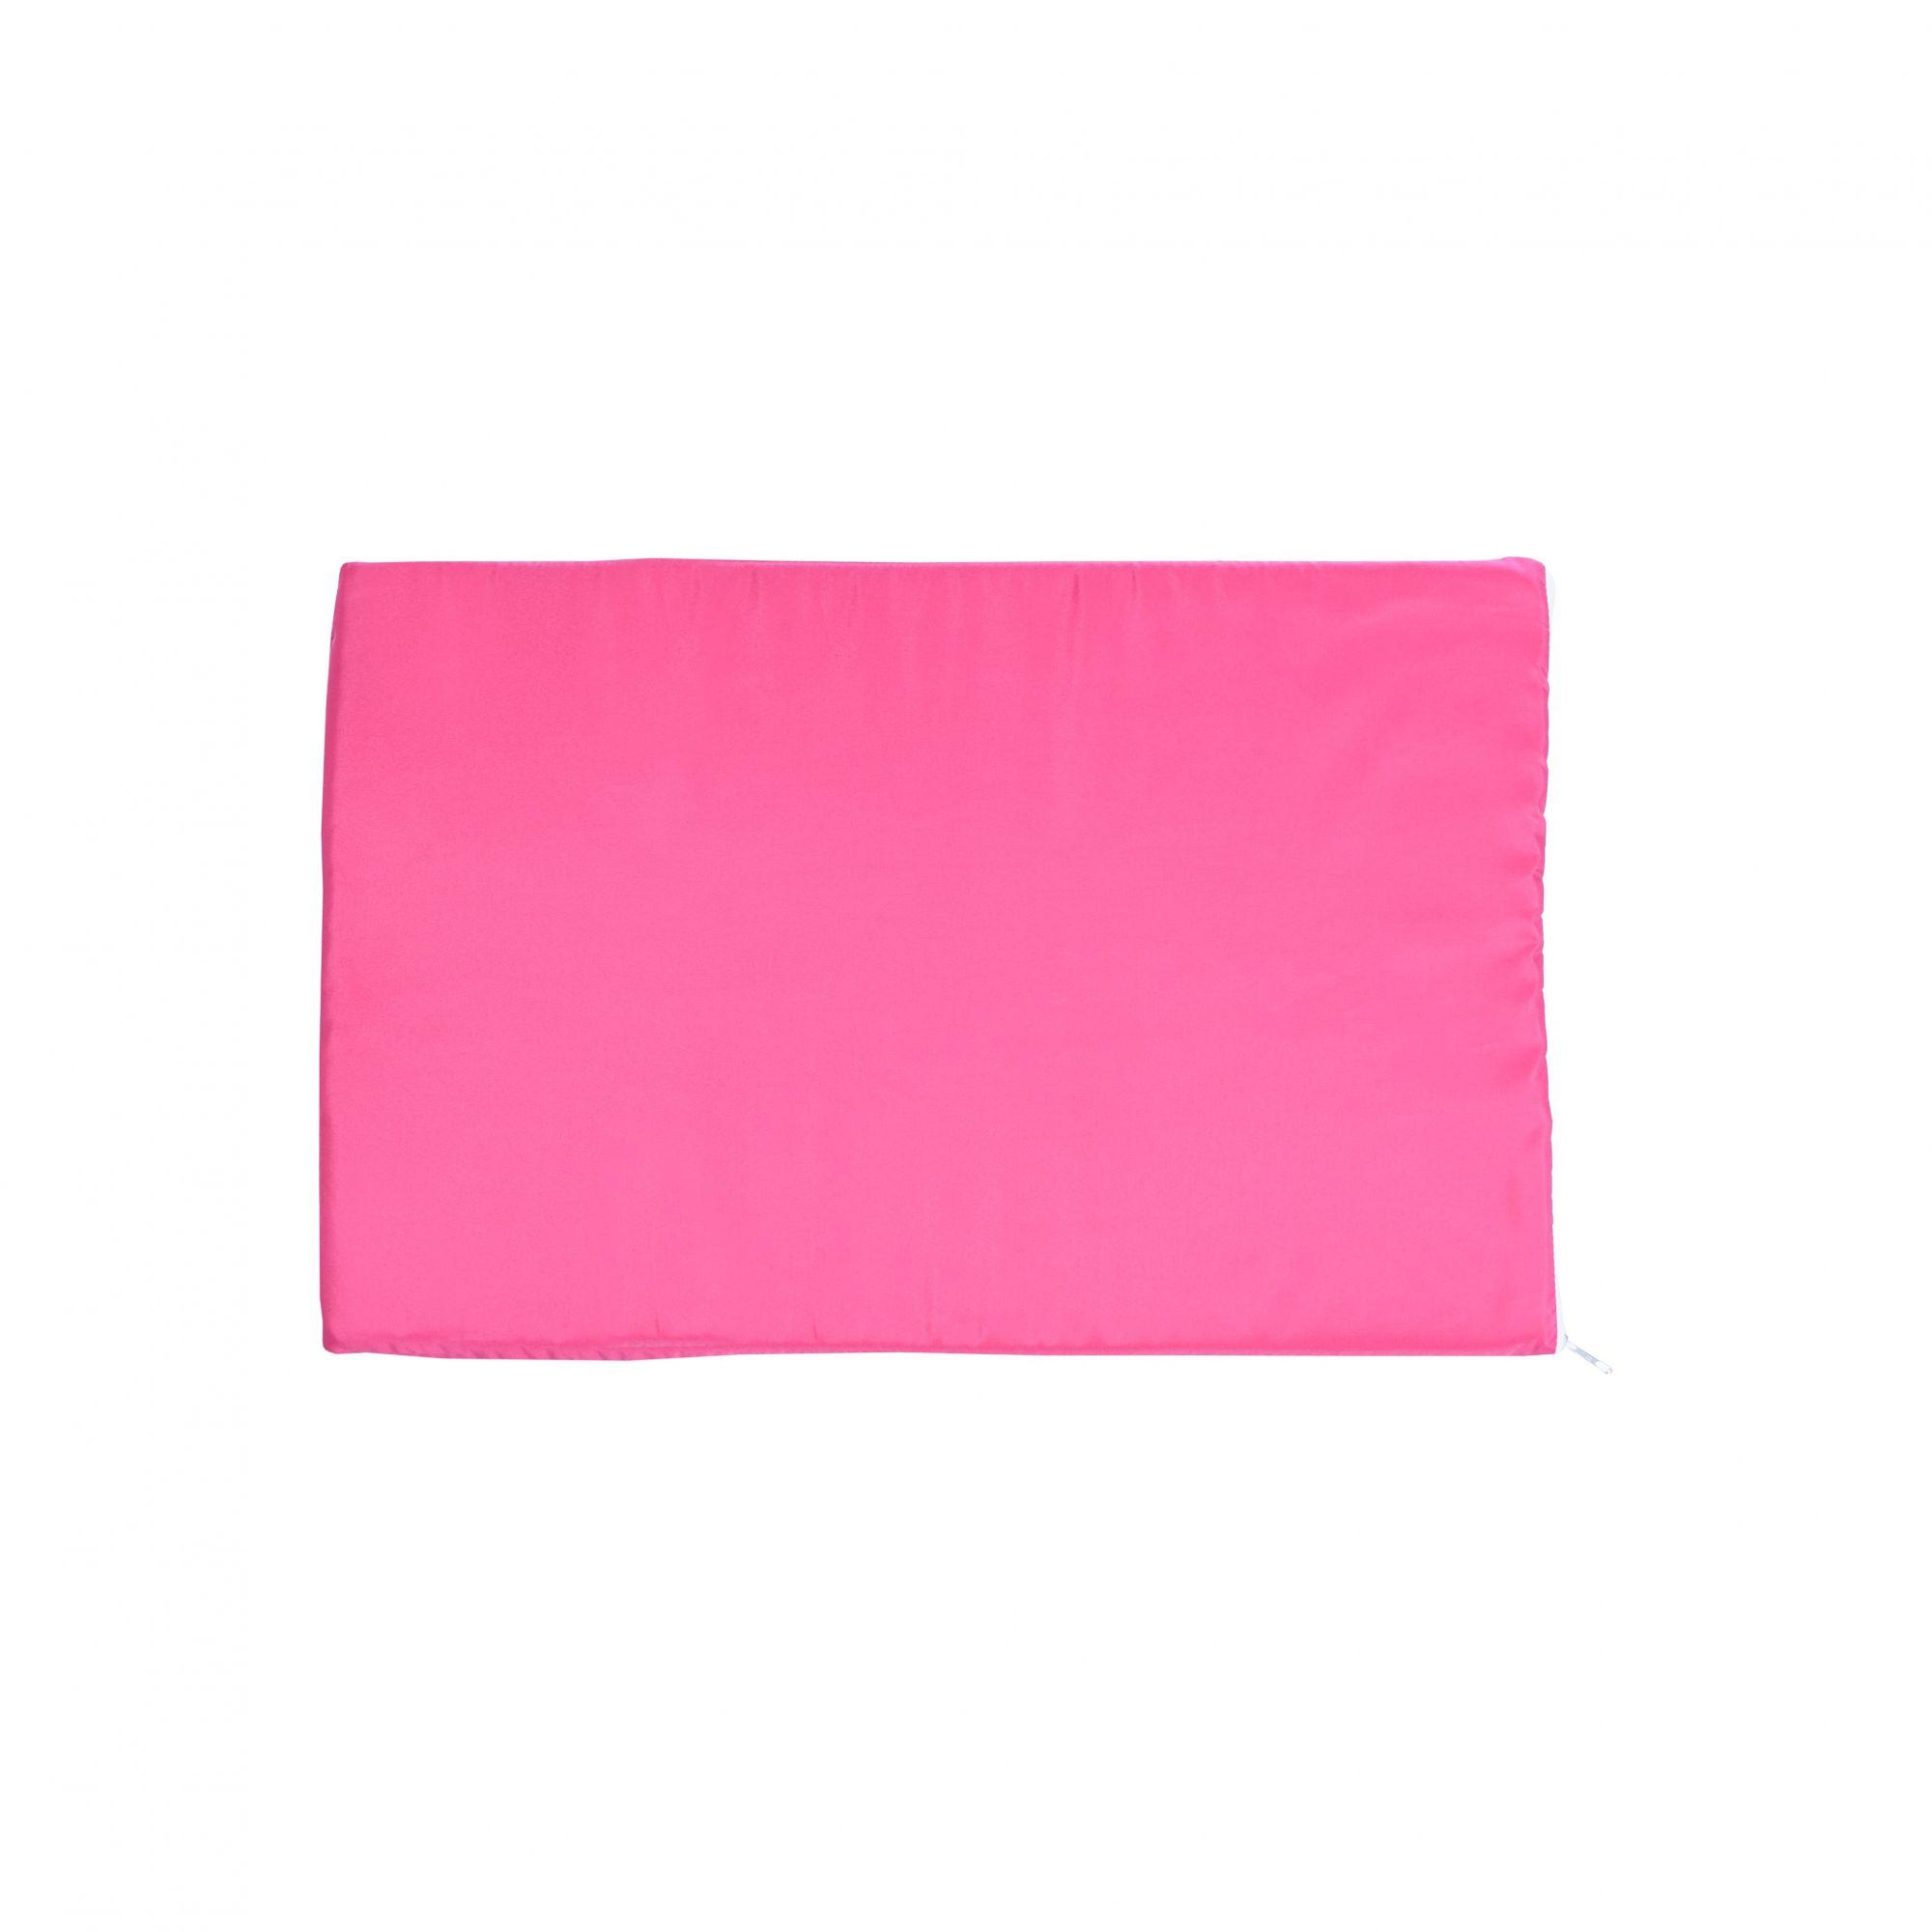 Kit Casinha Madeira 04 com Colchonete Rosa e placa de nome